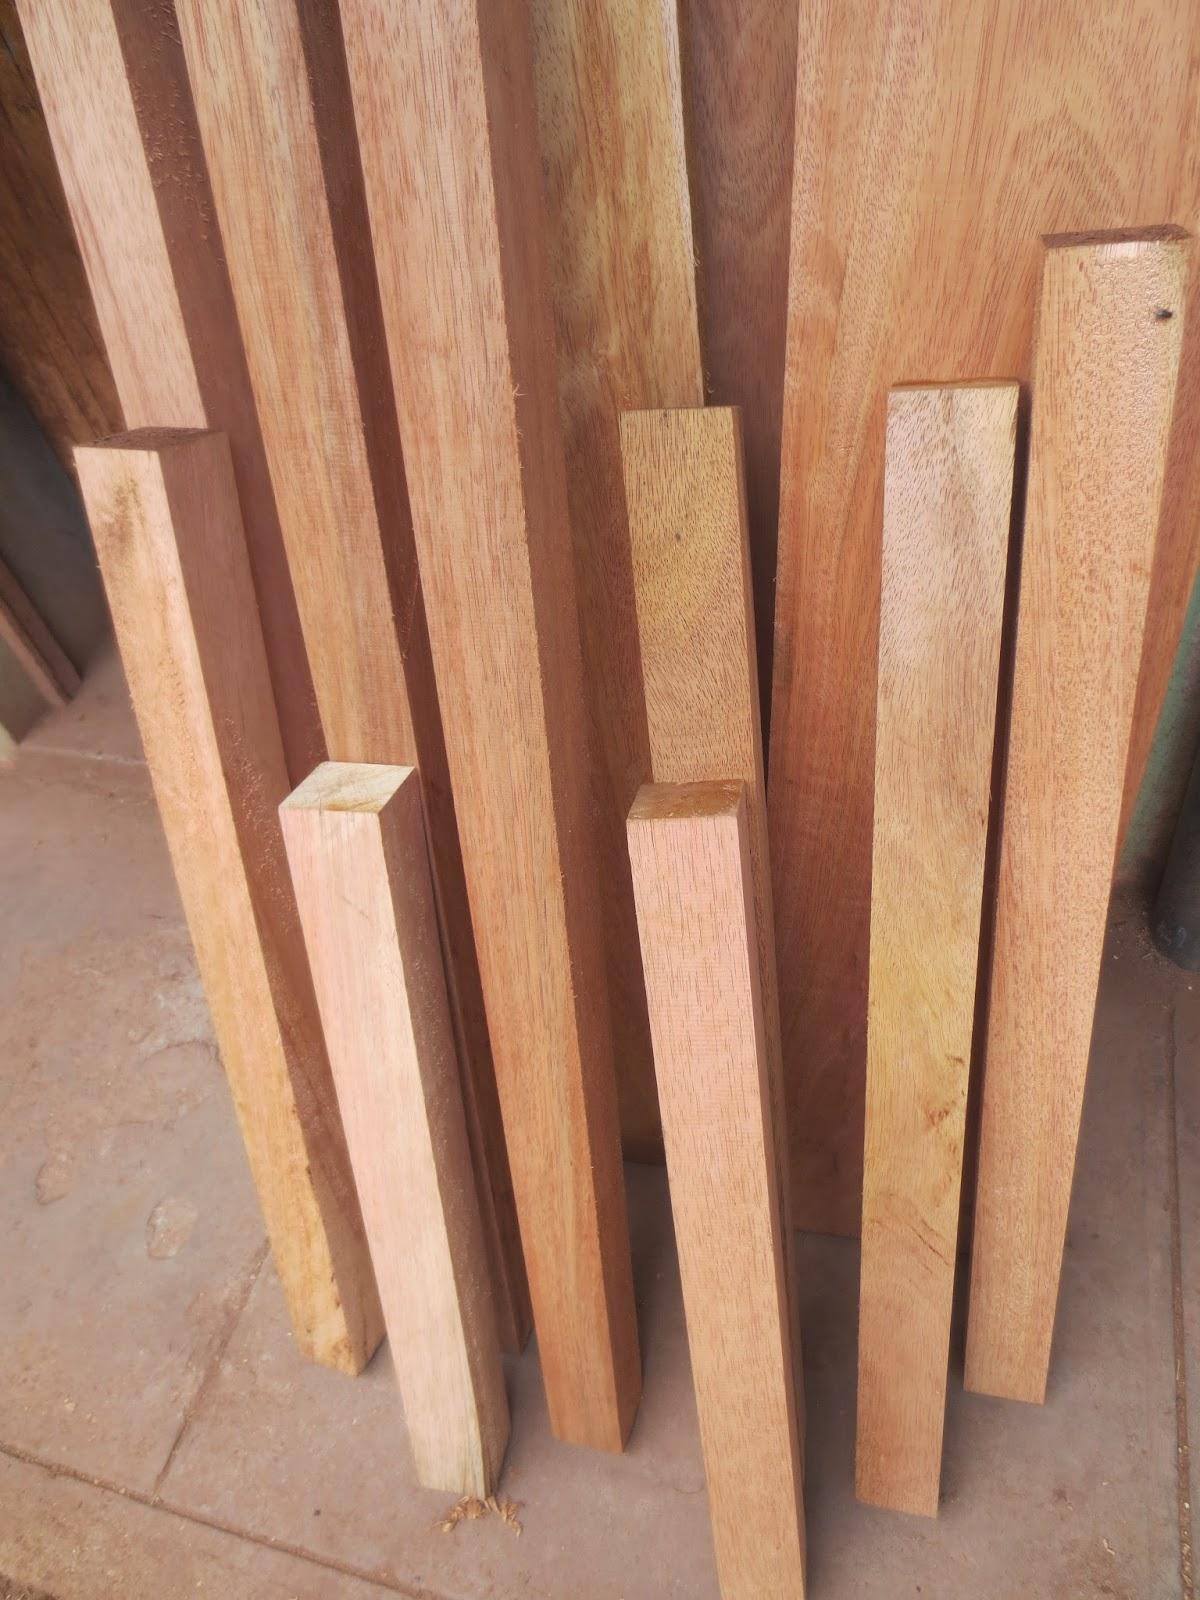 Carpintero de madera martillo para carpintero cabo madera - Carpintero de madera ...